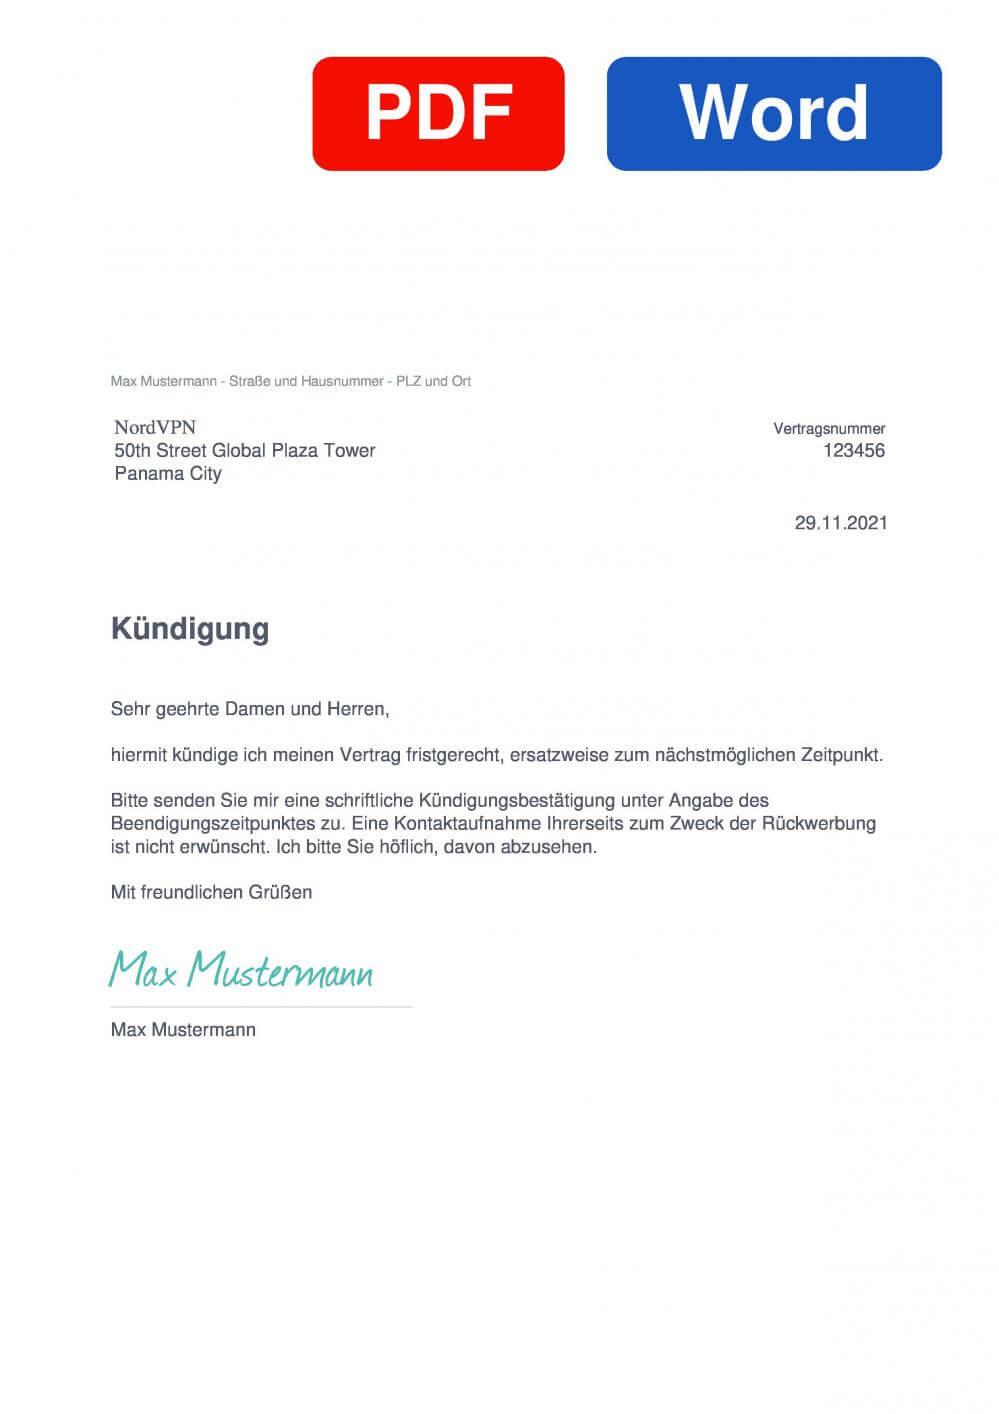 NordVPN Muster Vorlage für Kündigungsschreiben